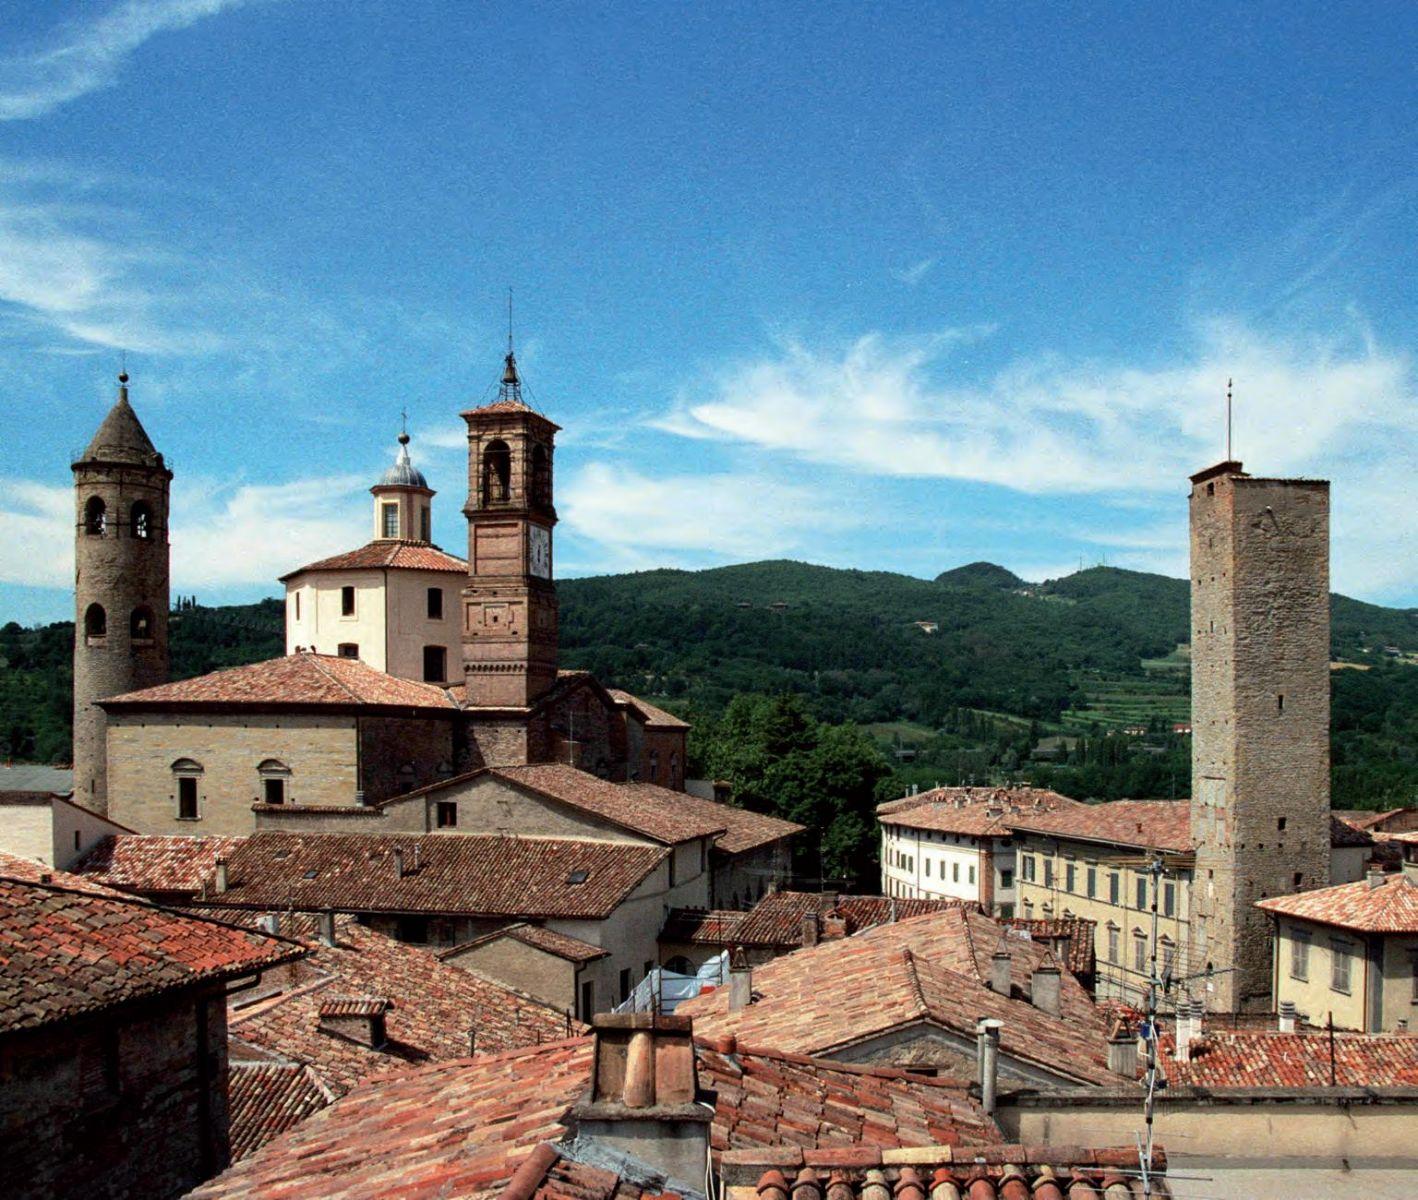 cittc3a0_di_castello_panorama1